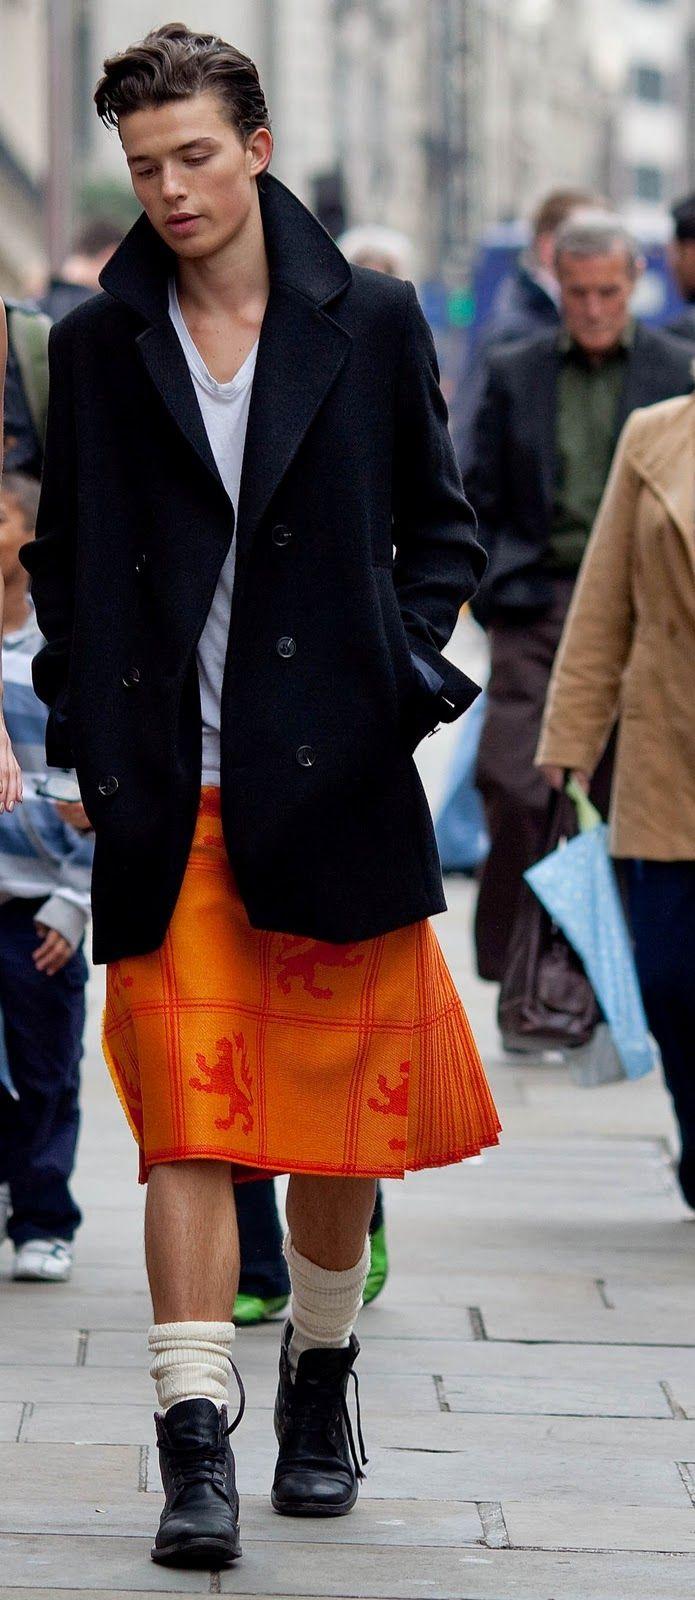 KILT: é uma saia masculina, pregueado na parte de trás, trespassado na parte da frente, de comprimento da cintura até aos joelhos e sem o uso da cueca. Na Escócia, é feito tradicionalmente de tecido de lã e com padrões de tartã, sendo utilizado por guerreiros e batedores dos clãs.  Era o traje típico de homens e jovens das montanhas escocesas do Século XVI. Desde o Século XIX, está associado a toda a cultura escocesa e com a herança da cultura céltica.